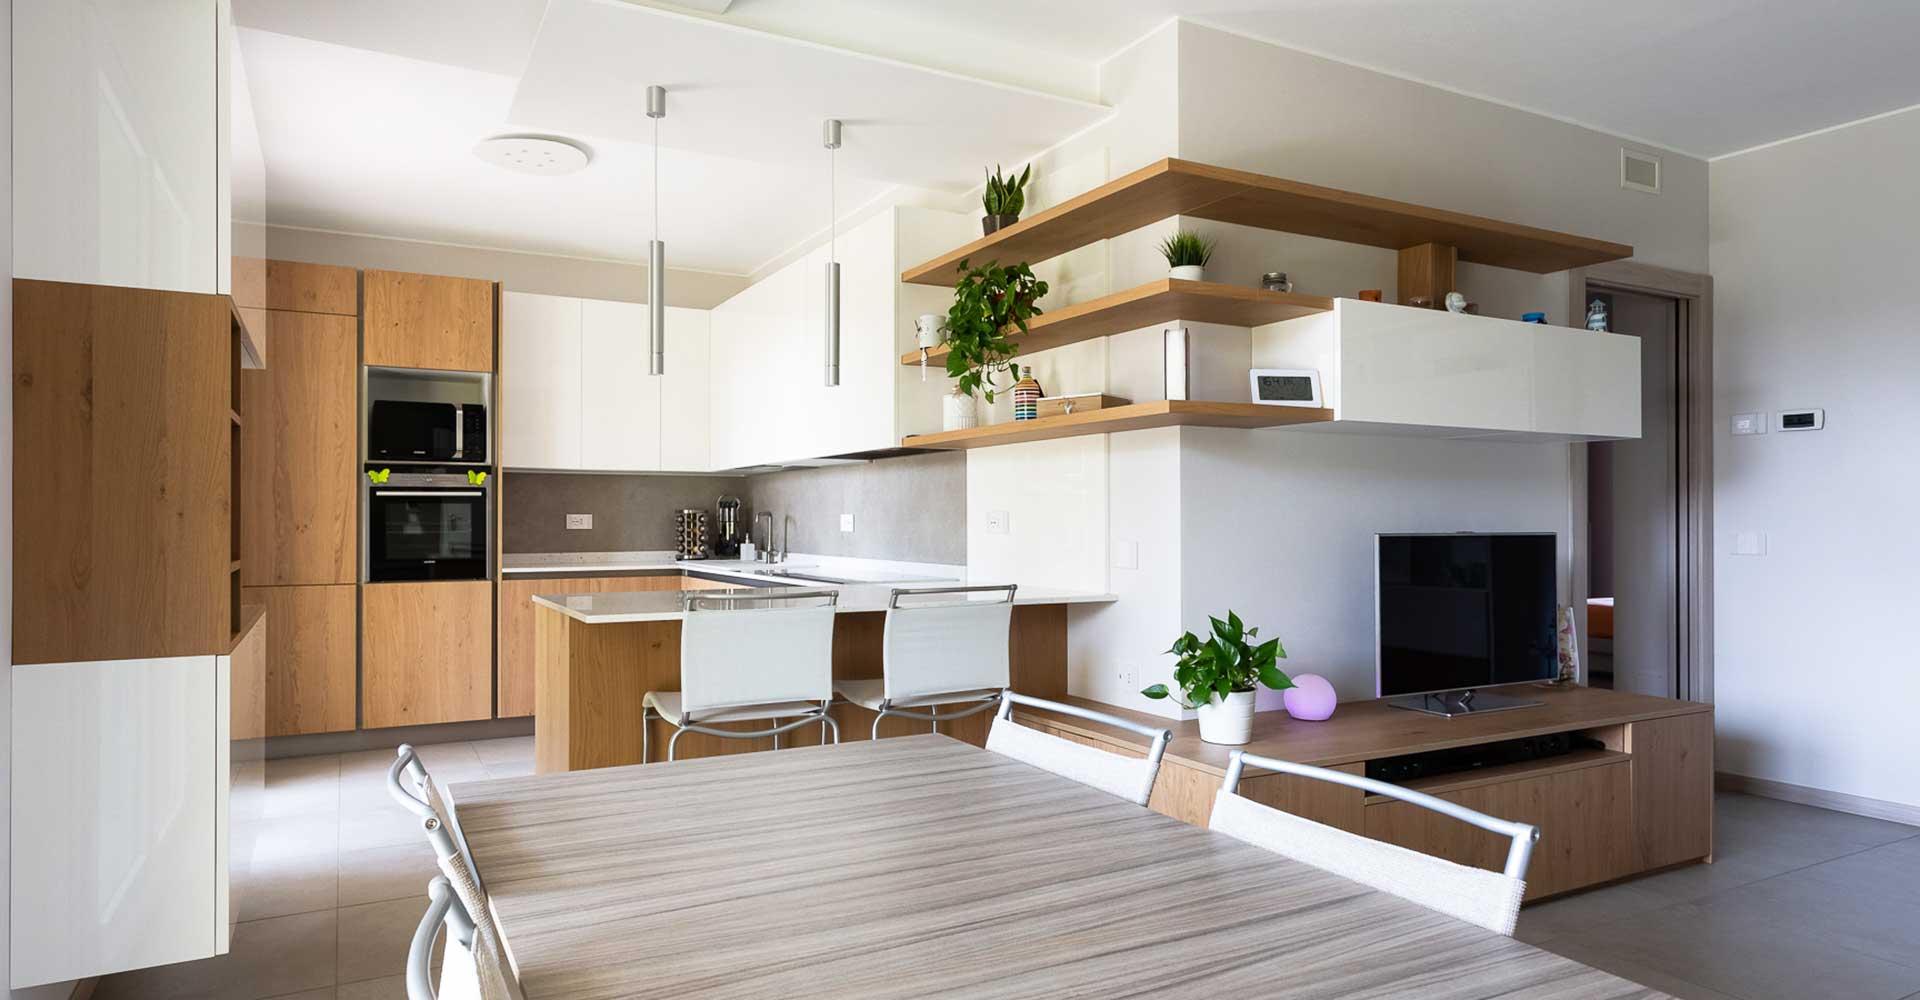 Arredamento su misura per cucina e soggiorno a Lecco, Como, Monza Brianza e Milano